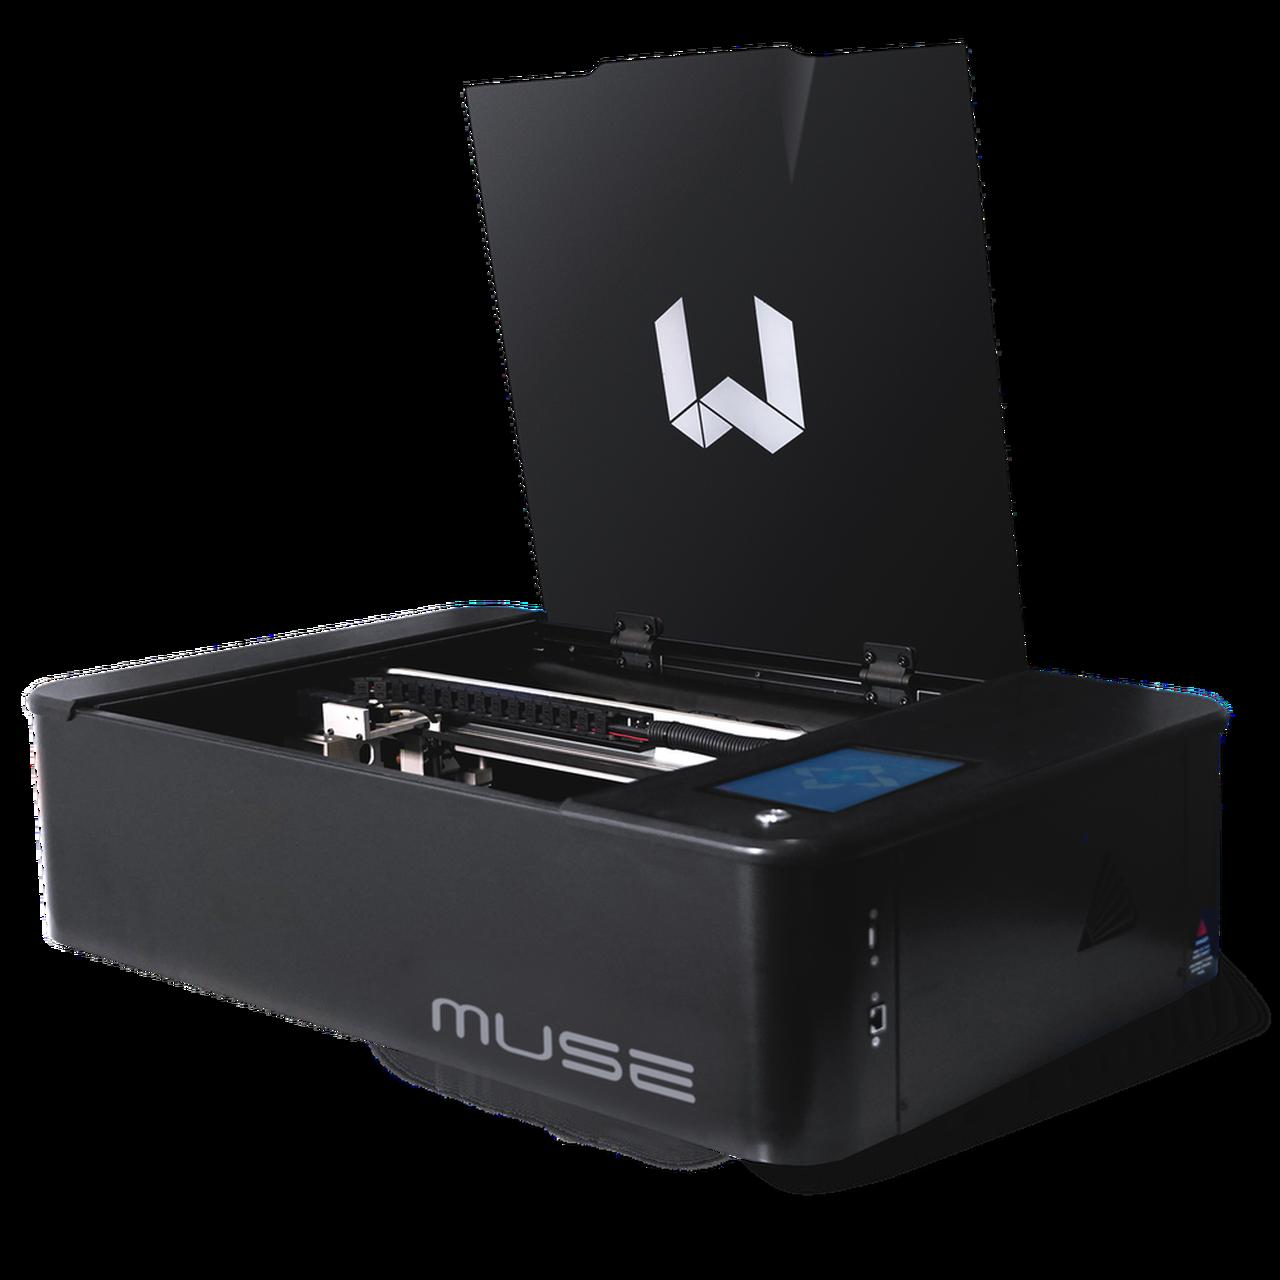 FSLaser Muse Fiber 3D Vision